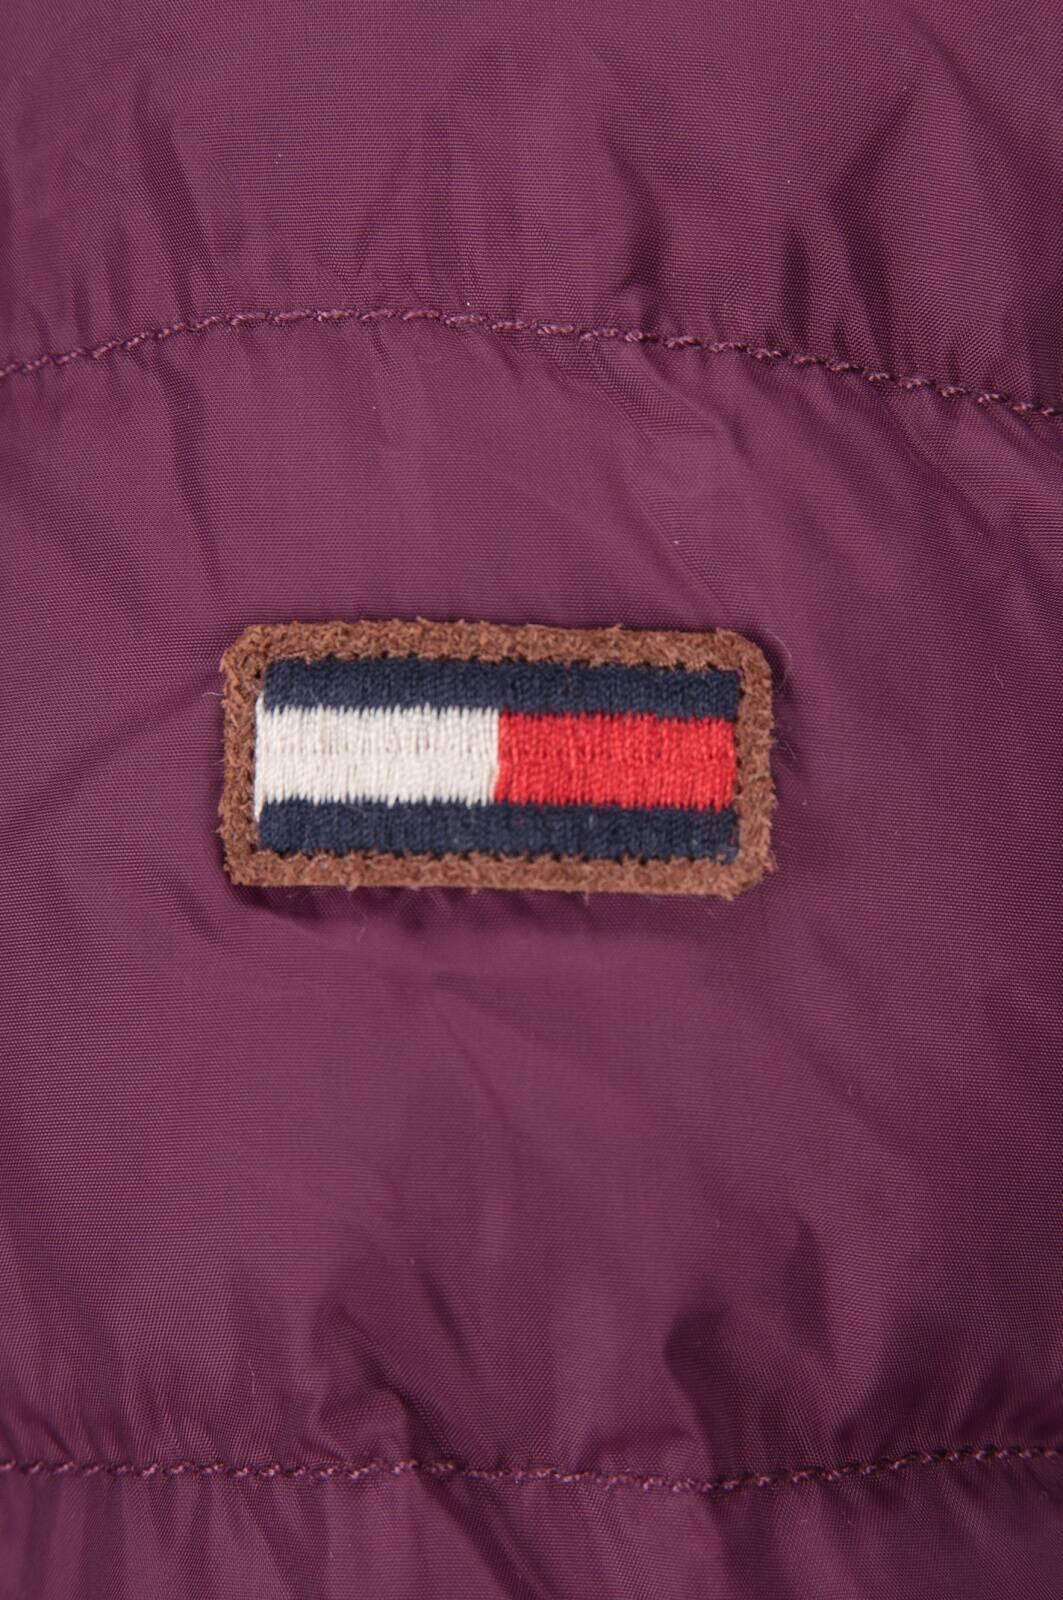 martina jacket hilfiger denim violet outerwear. Black Bedroom Furniture Sets. Home Design Ideas